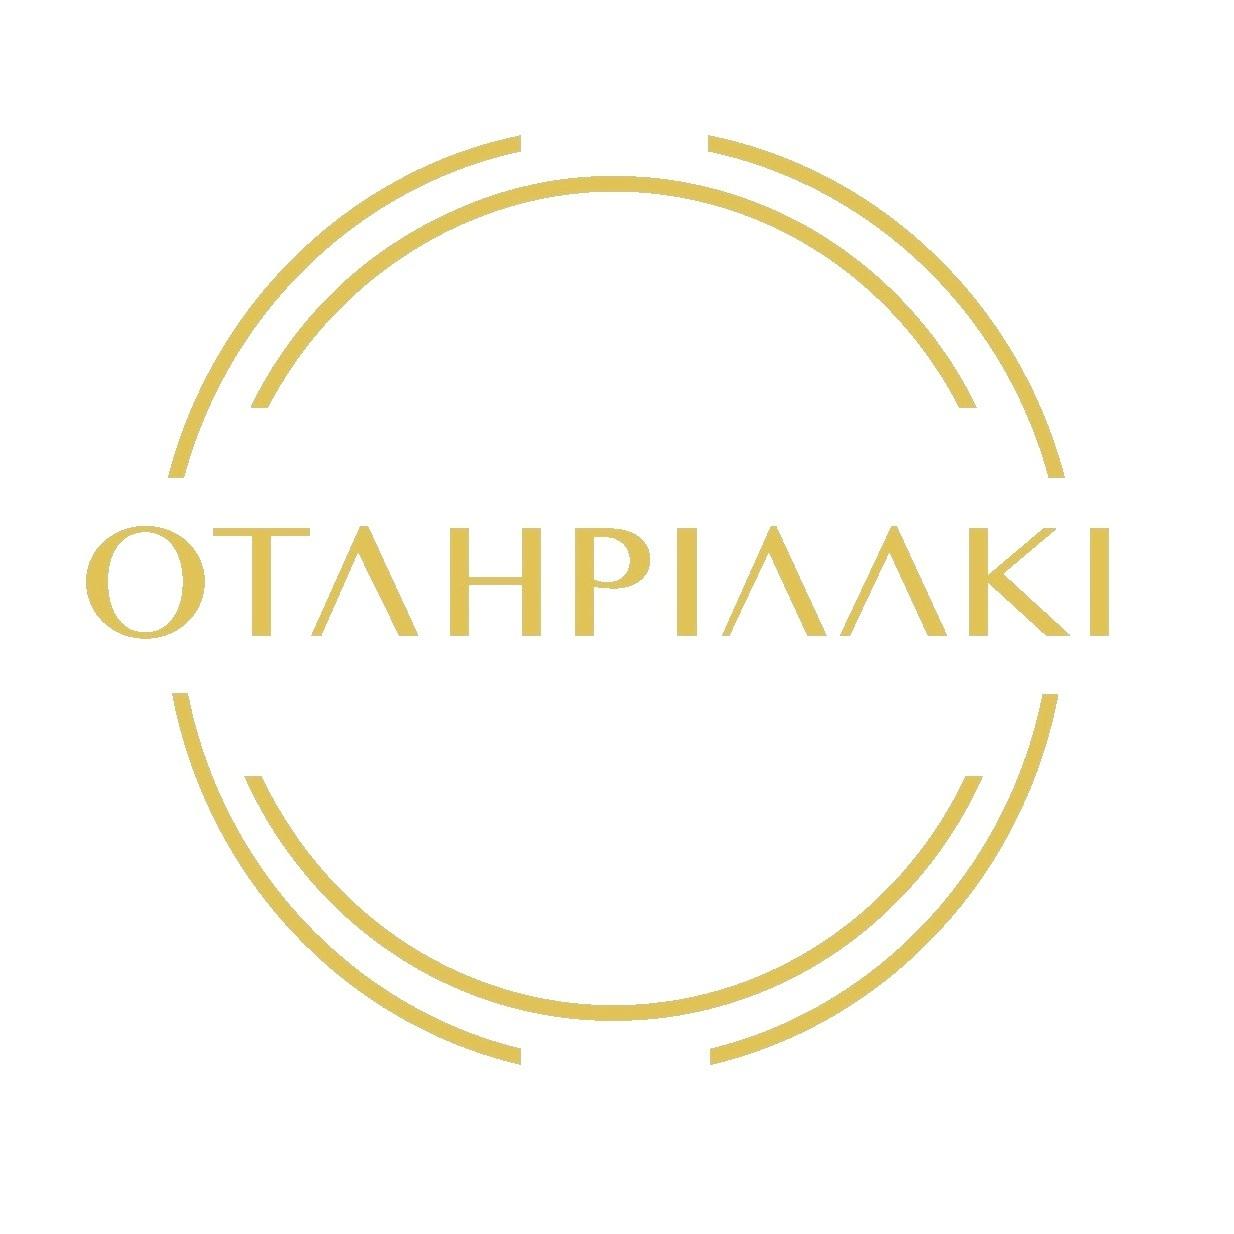 Mmiw Red Dress Flower Project Otahpiaaki